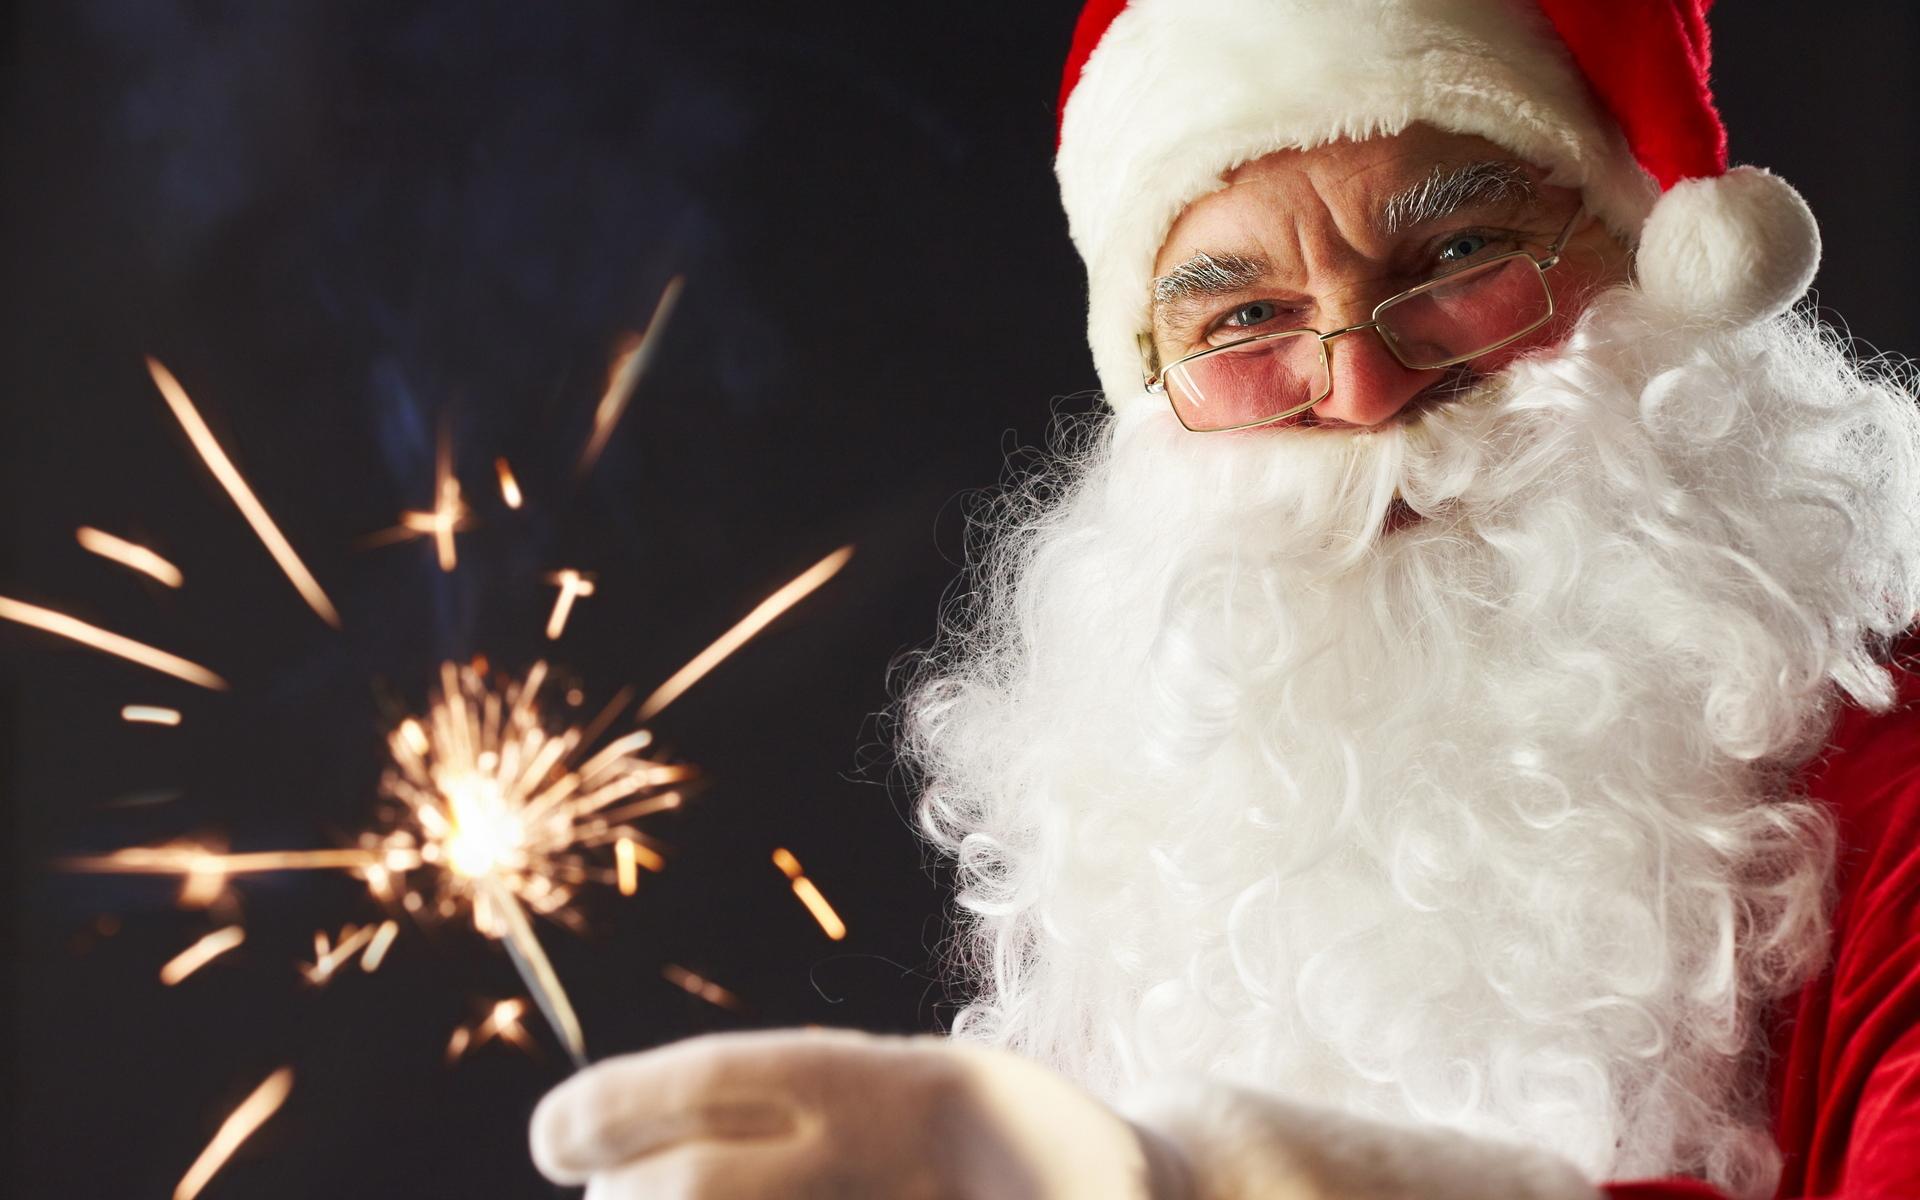 Ожог лица и госпитализация: в Севастополе Дед Мороз обварил кипятком ребенка